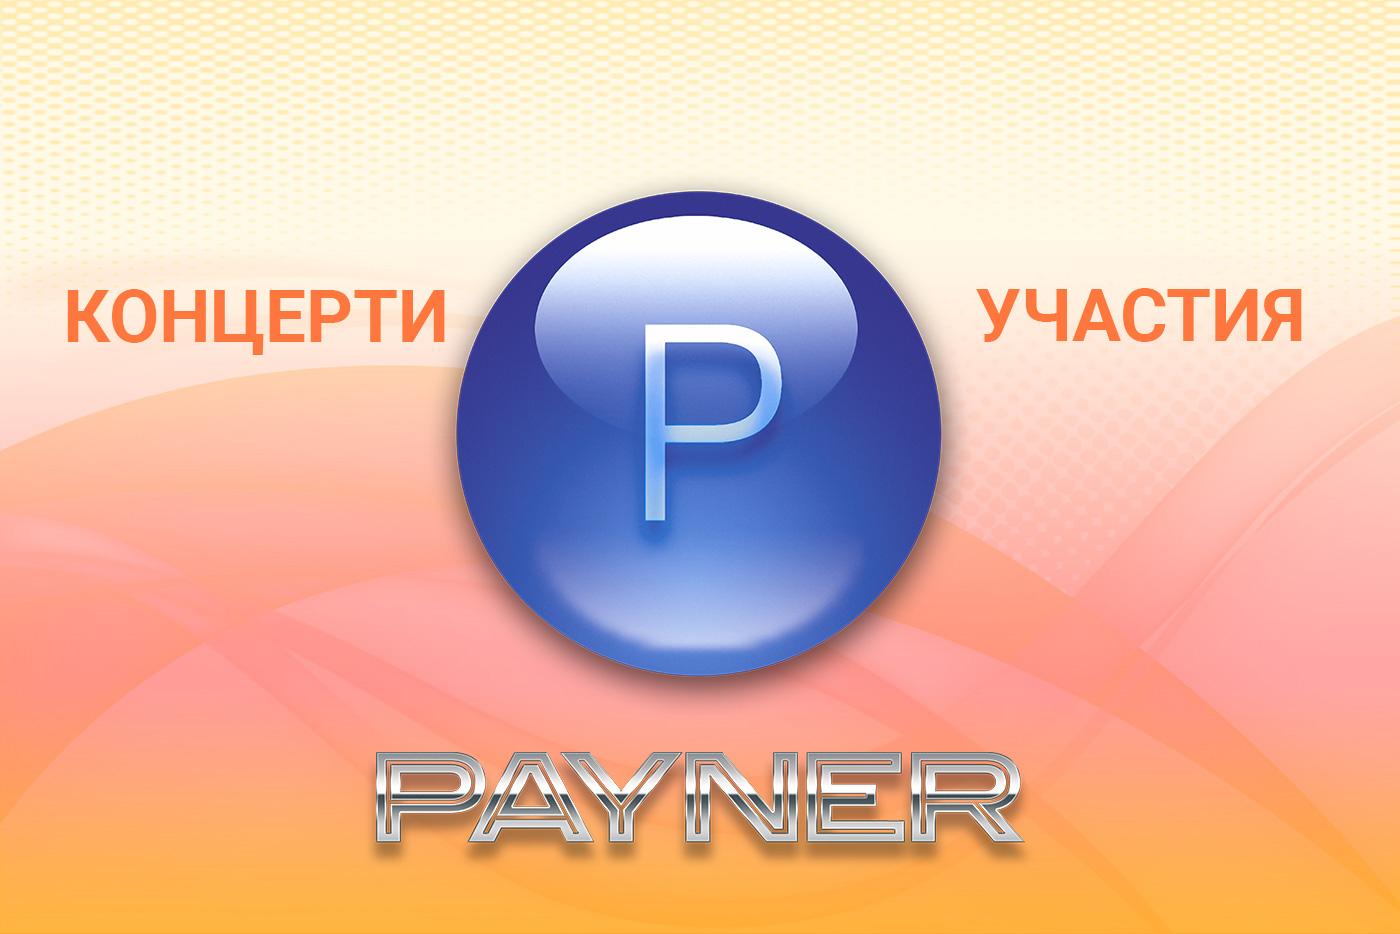 """Участия на звездите на """"Пайнер"""" на 25.10.2019"""